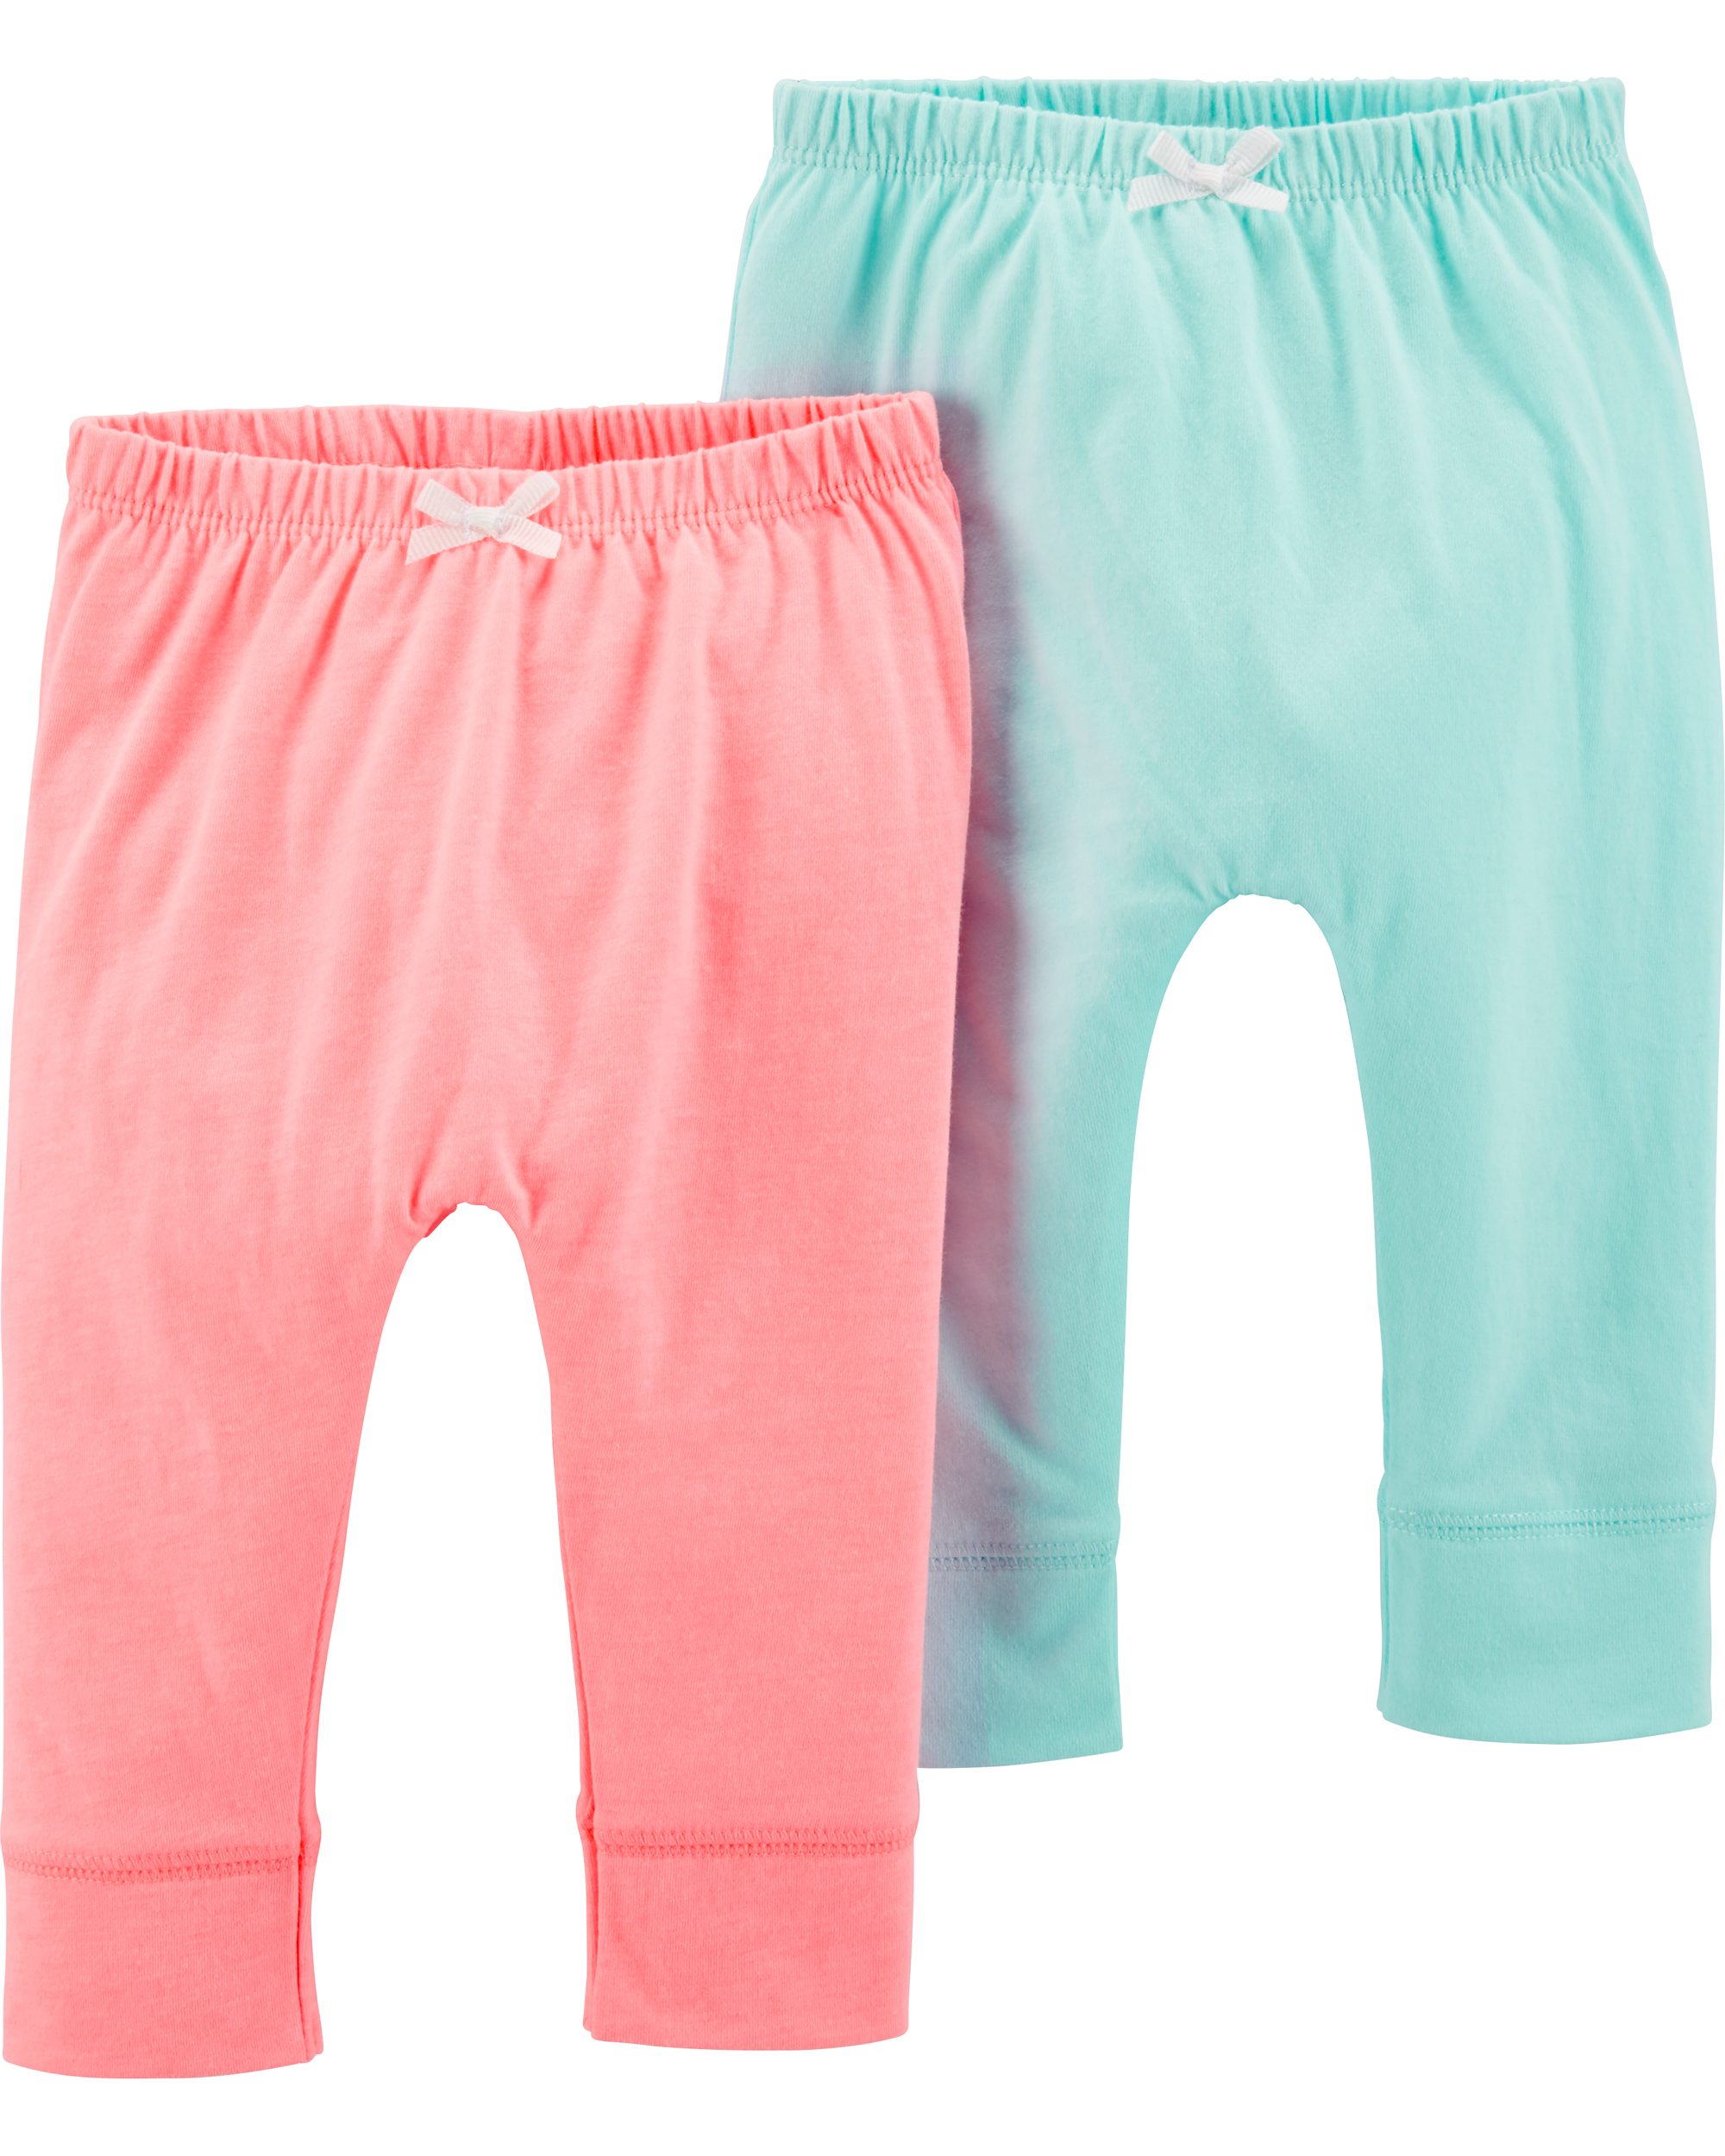 זוג מכנסיים ורוד/תכלת